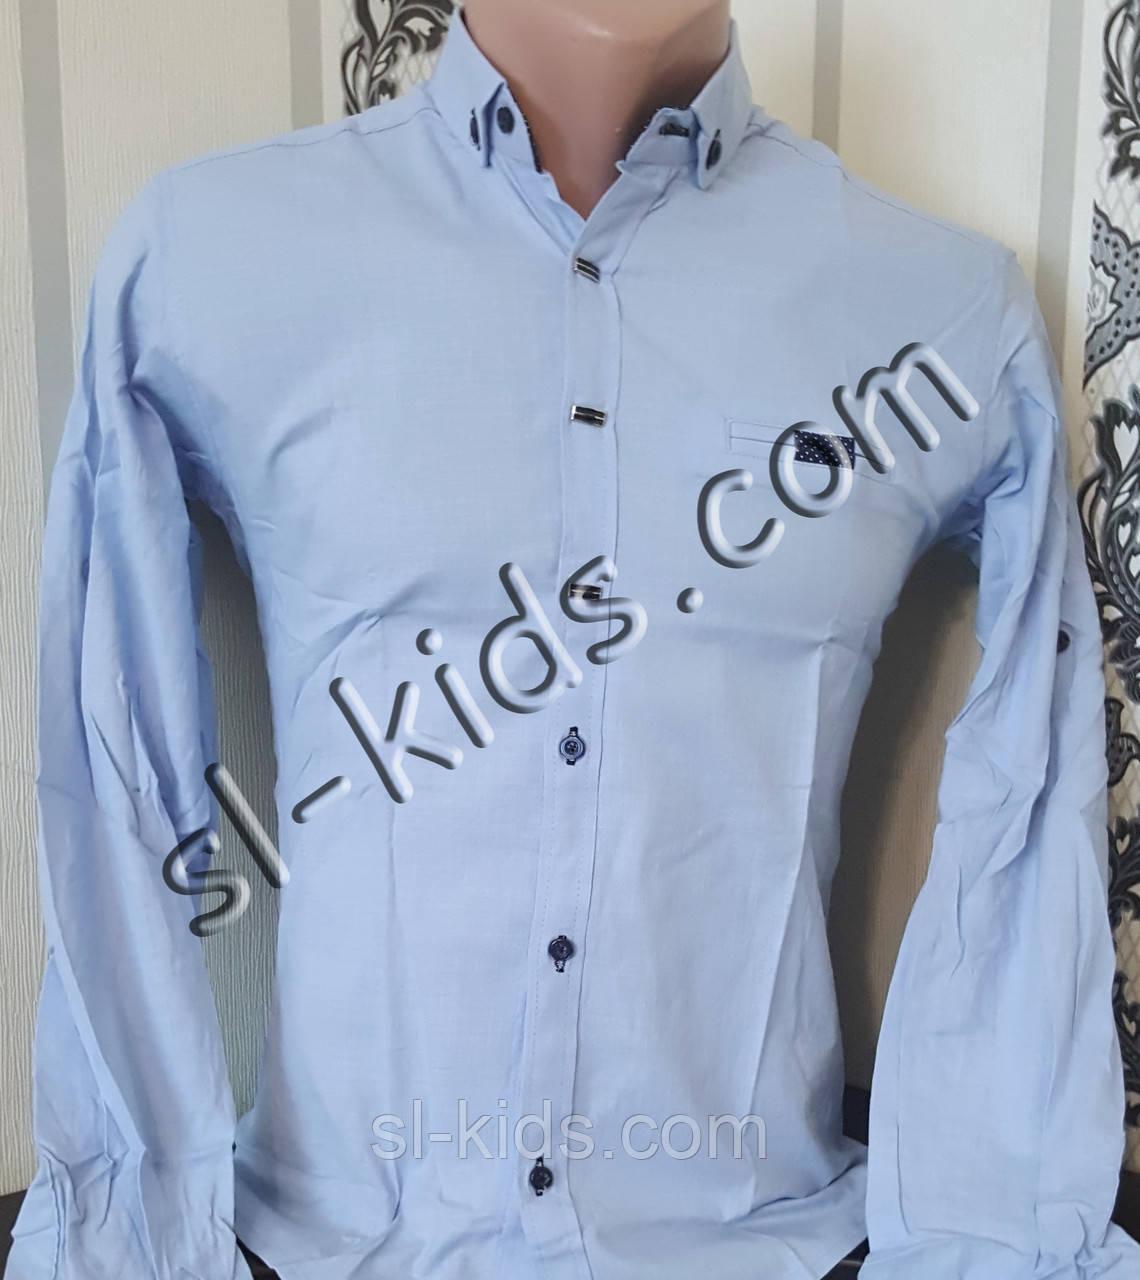 Стильная стрейчевая рубашка для мальчика 11-15 лет(розн) (голубая) (пр. Турция)